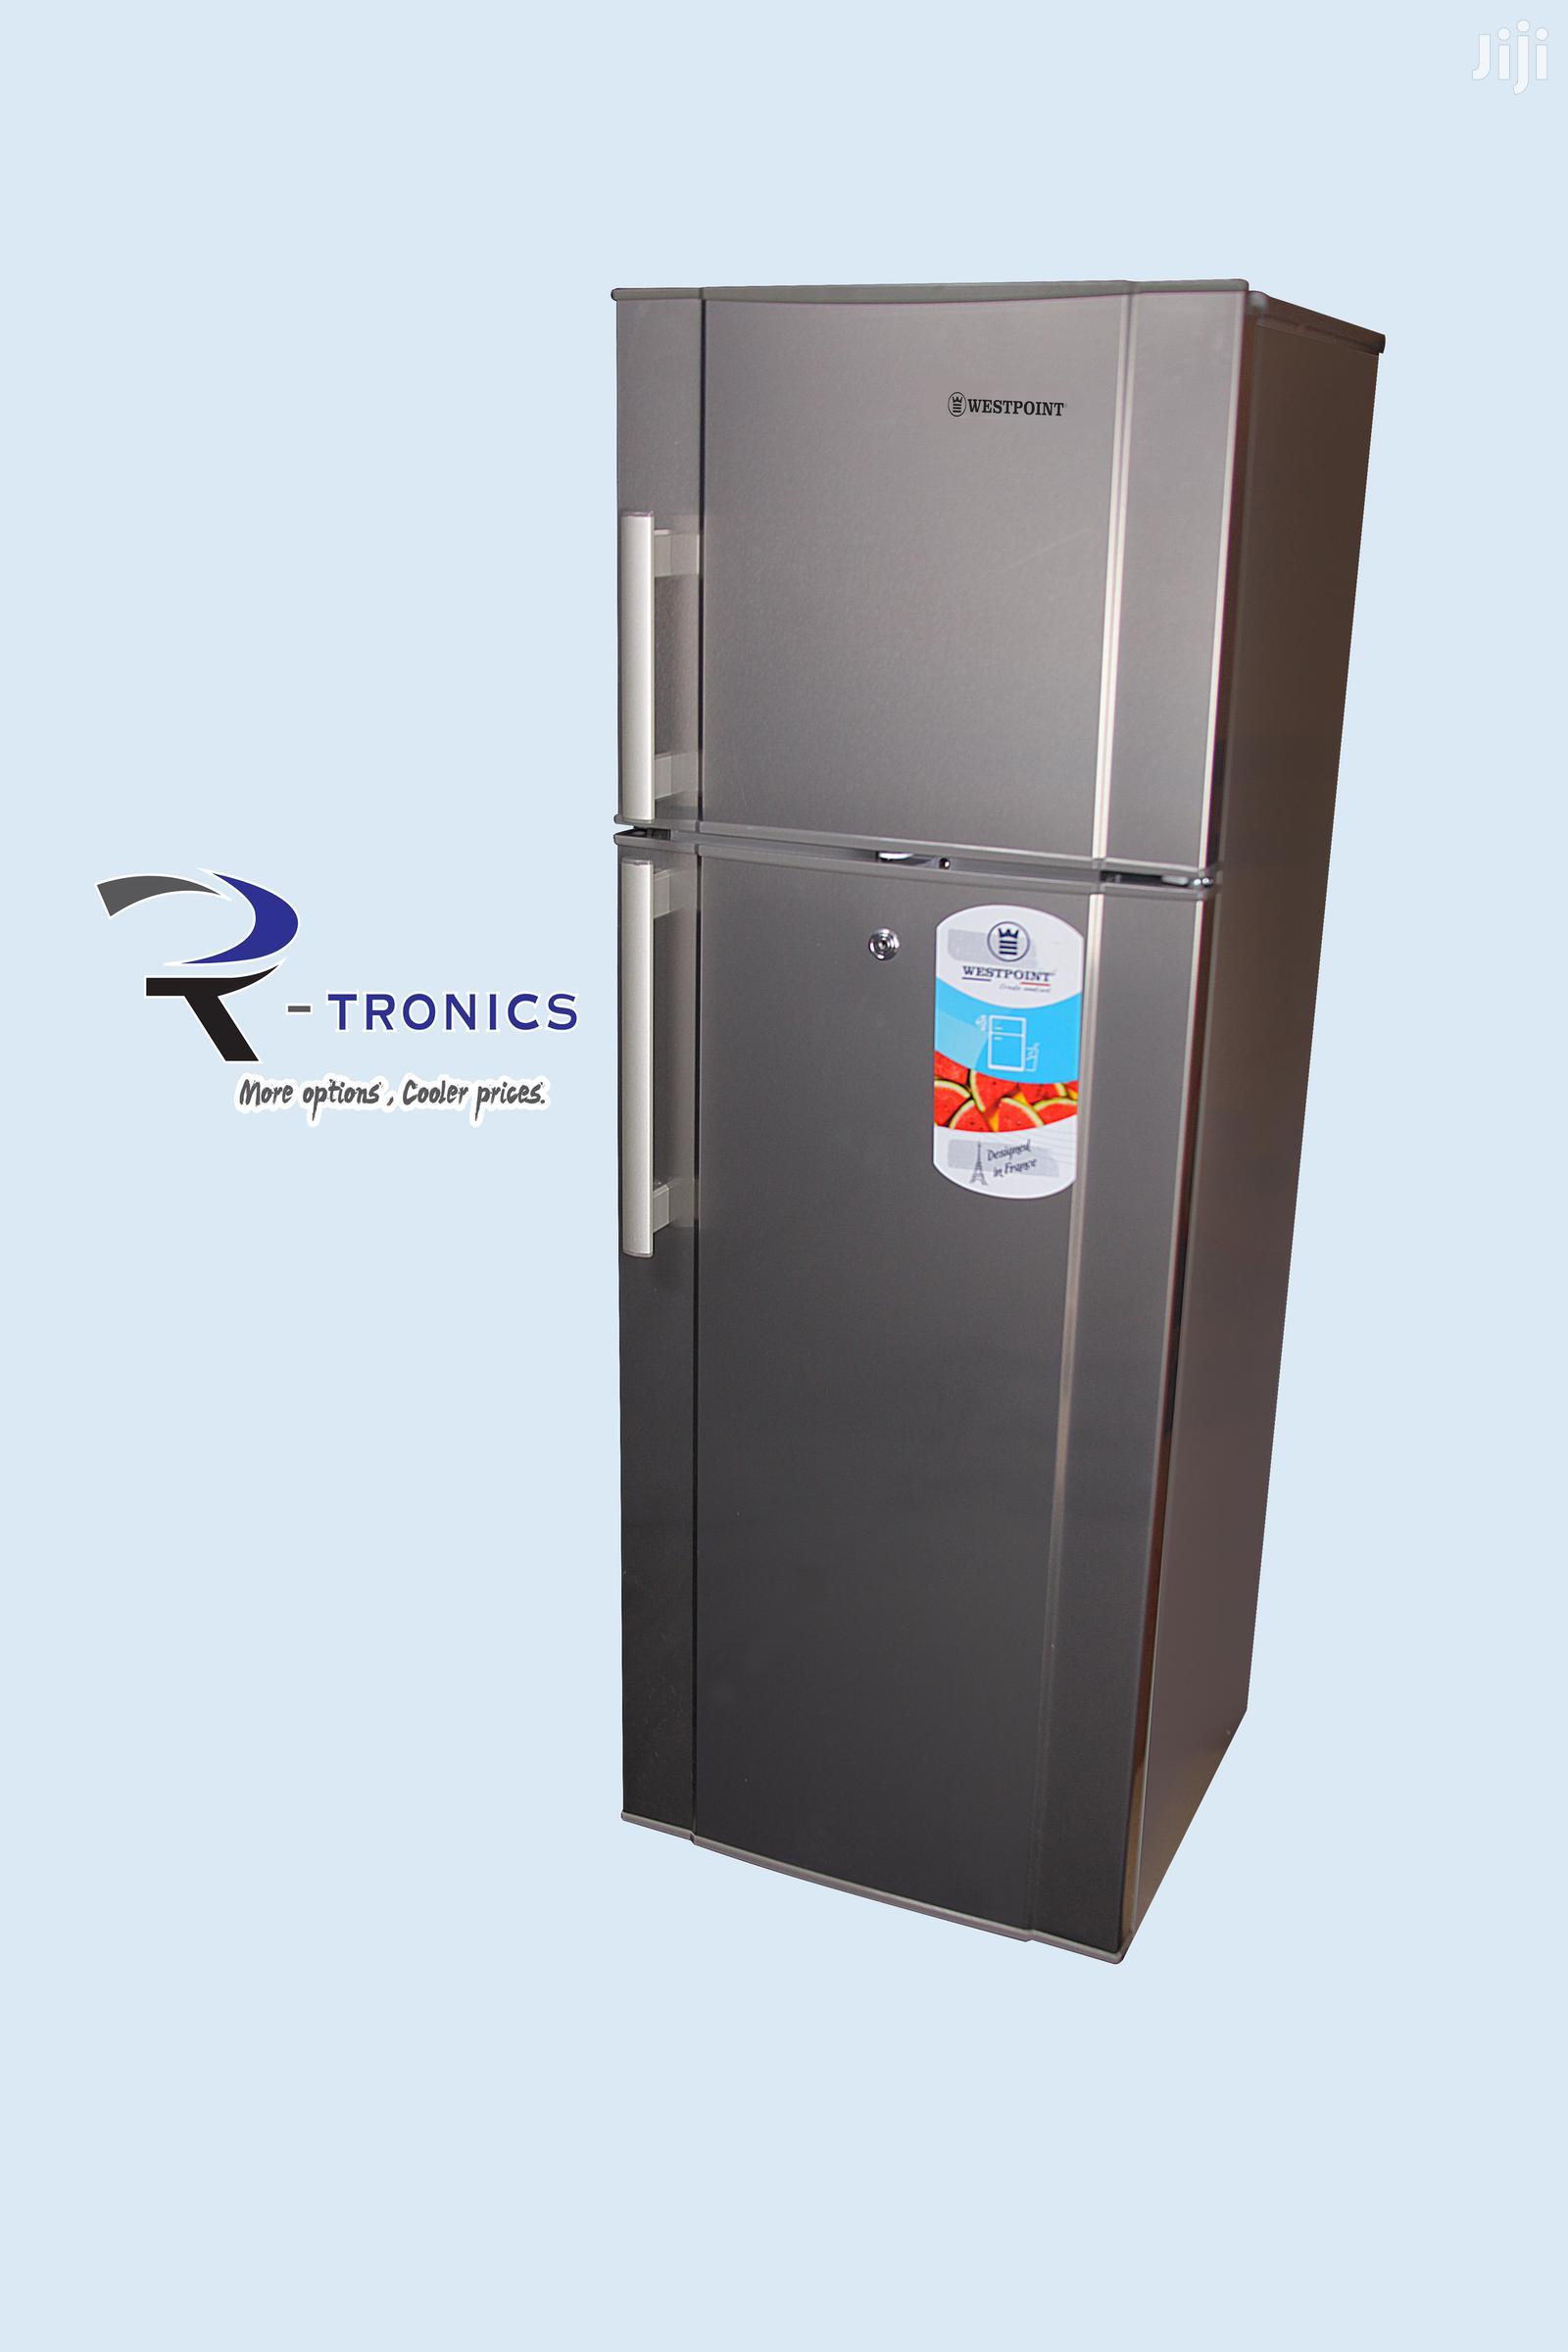 Westpoint Double Door Defrost, Refrigerator 200L Net / 240 Gross